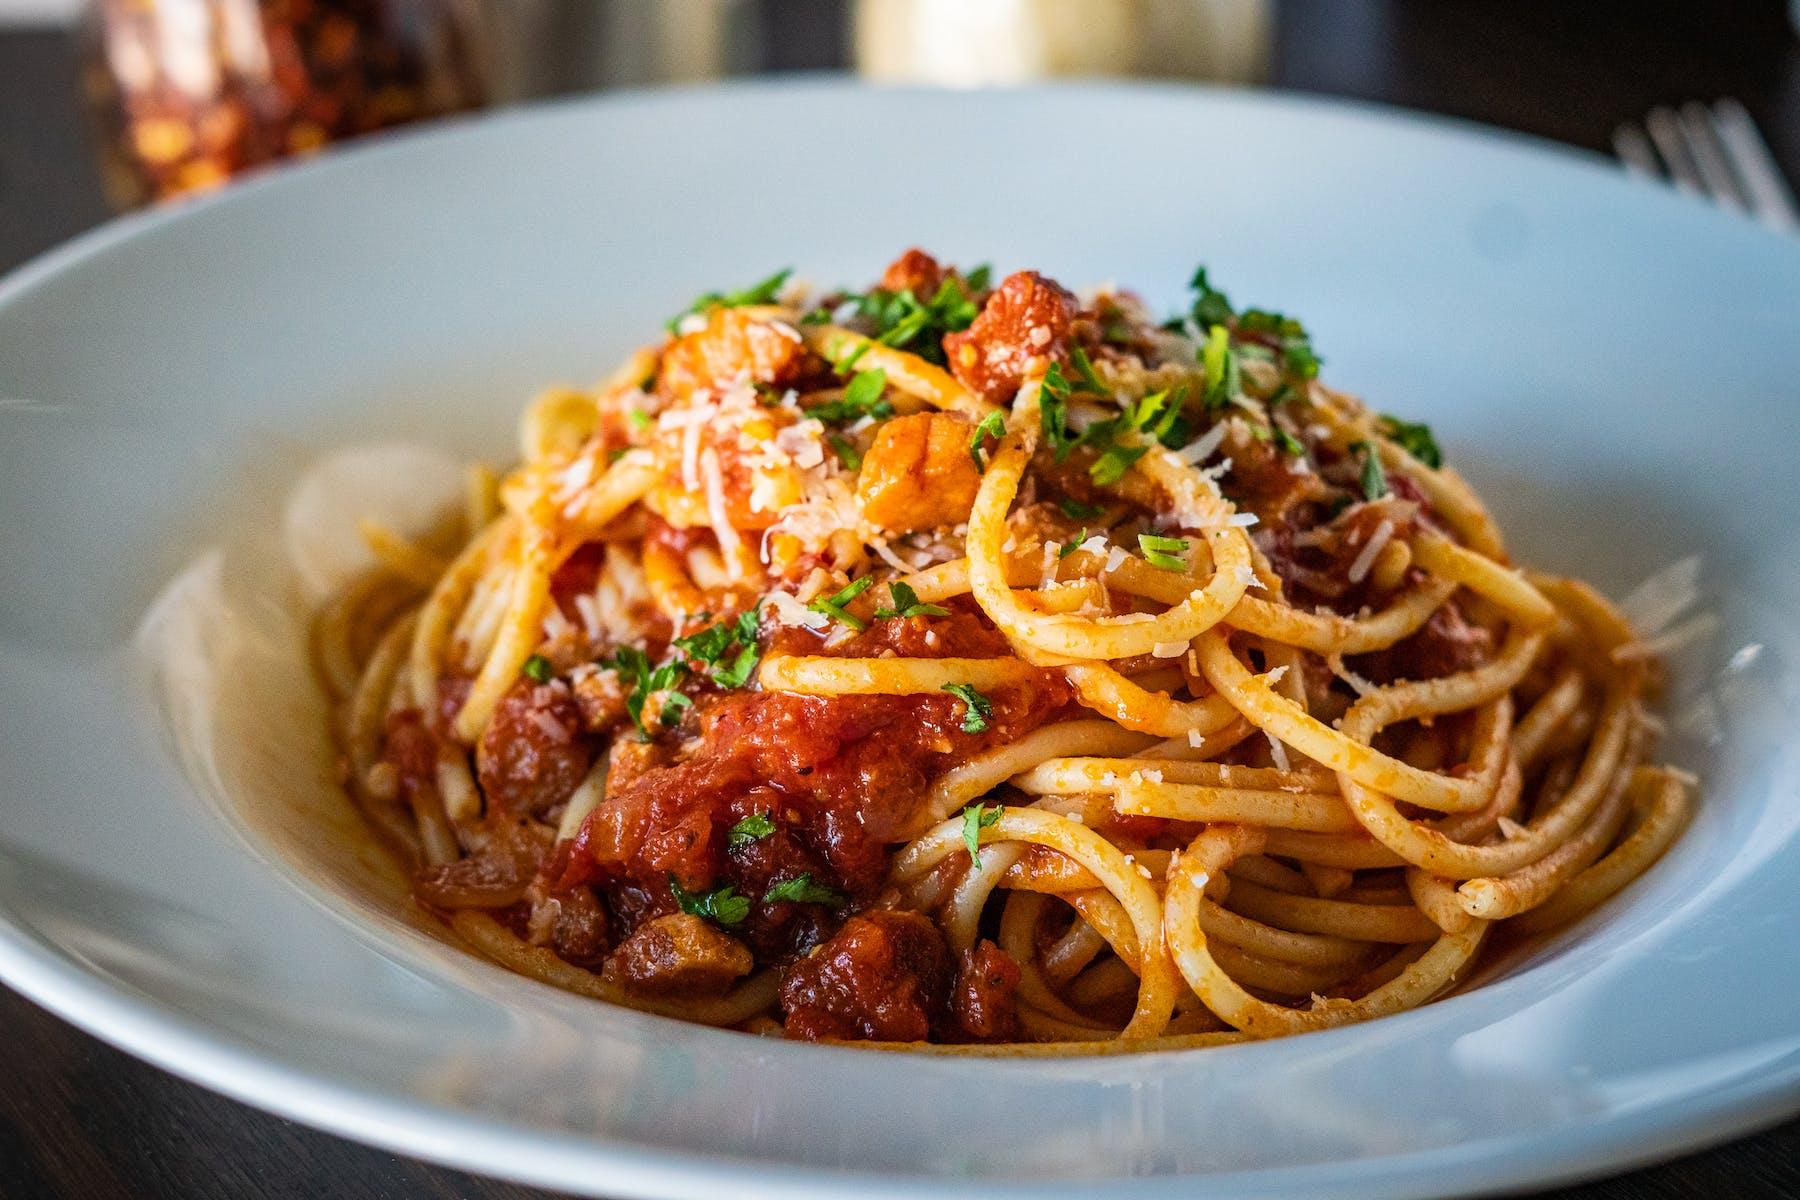 Degidio S Restaurant And Bar Italian Food St Paul Mn